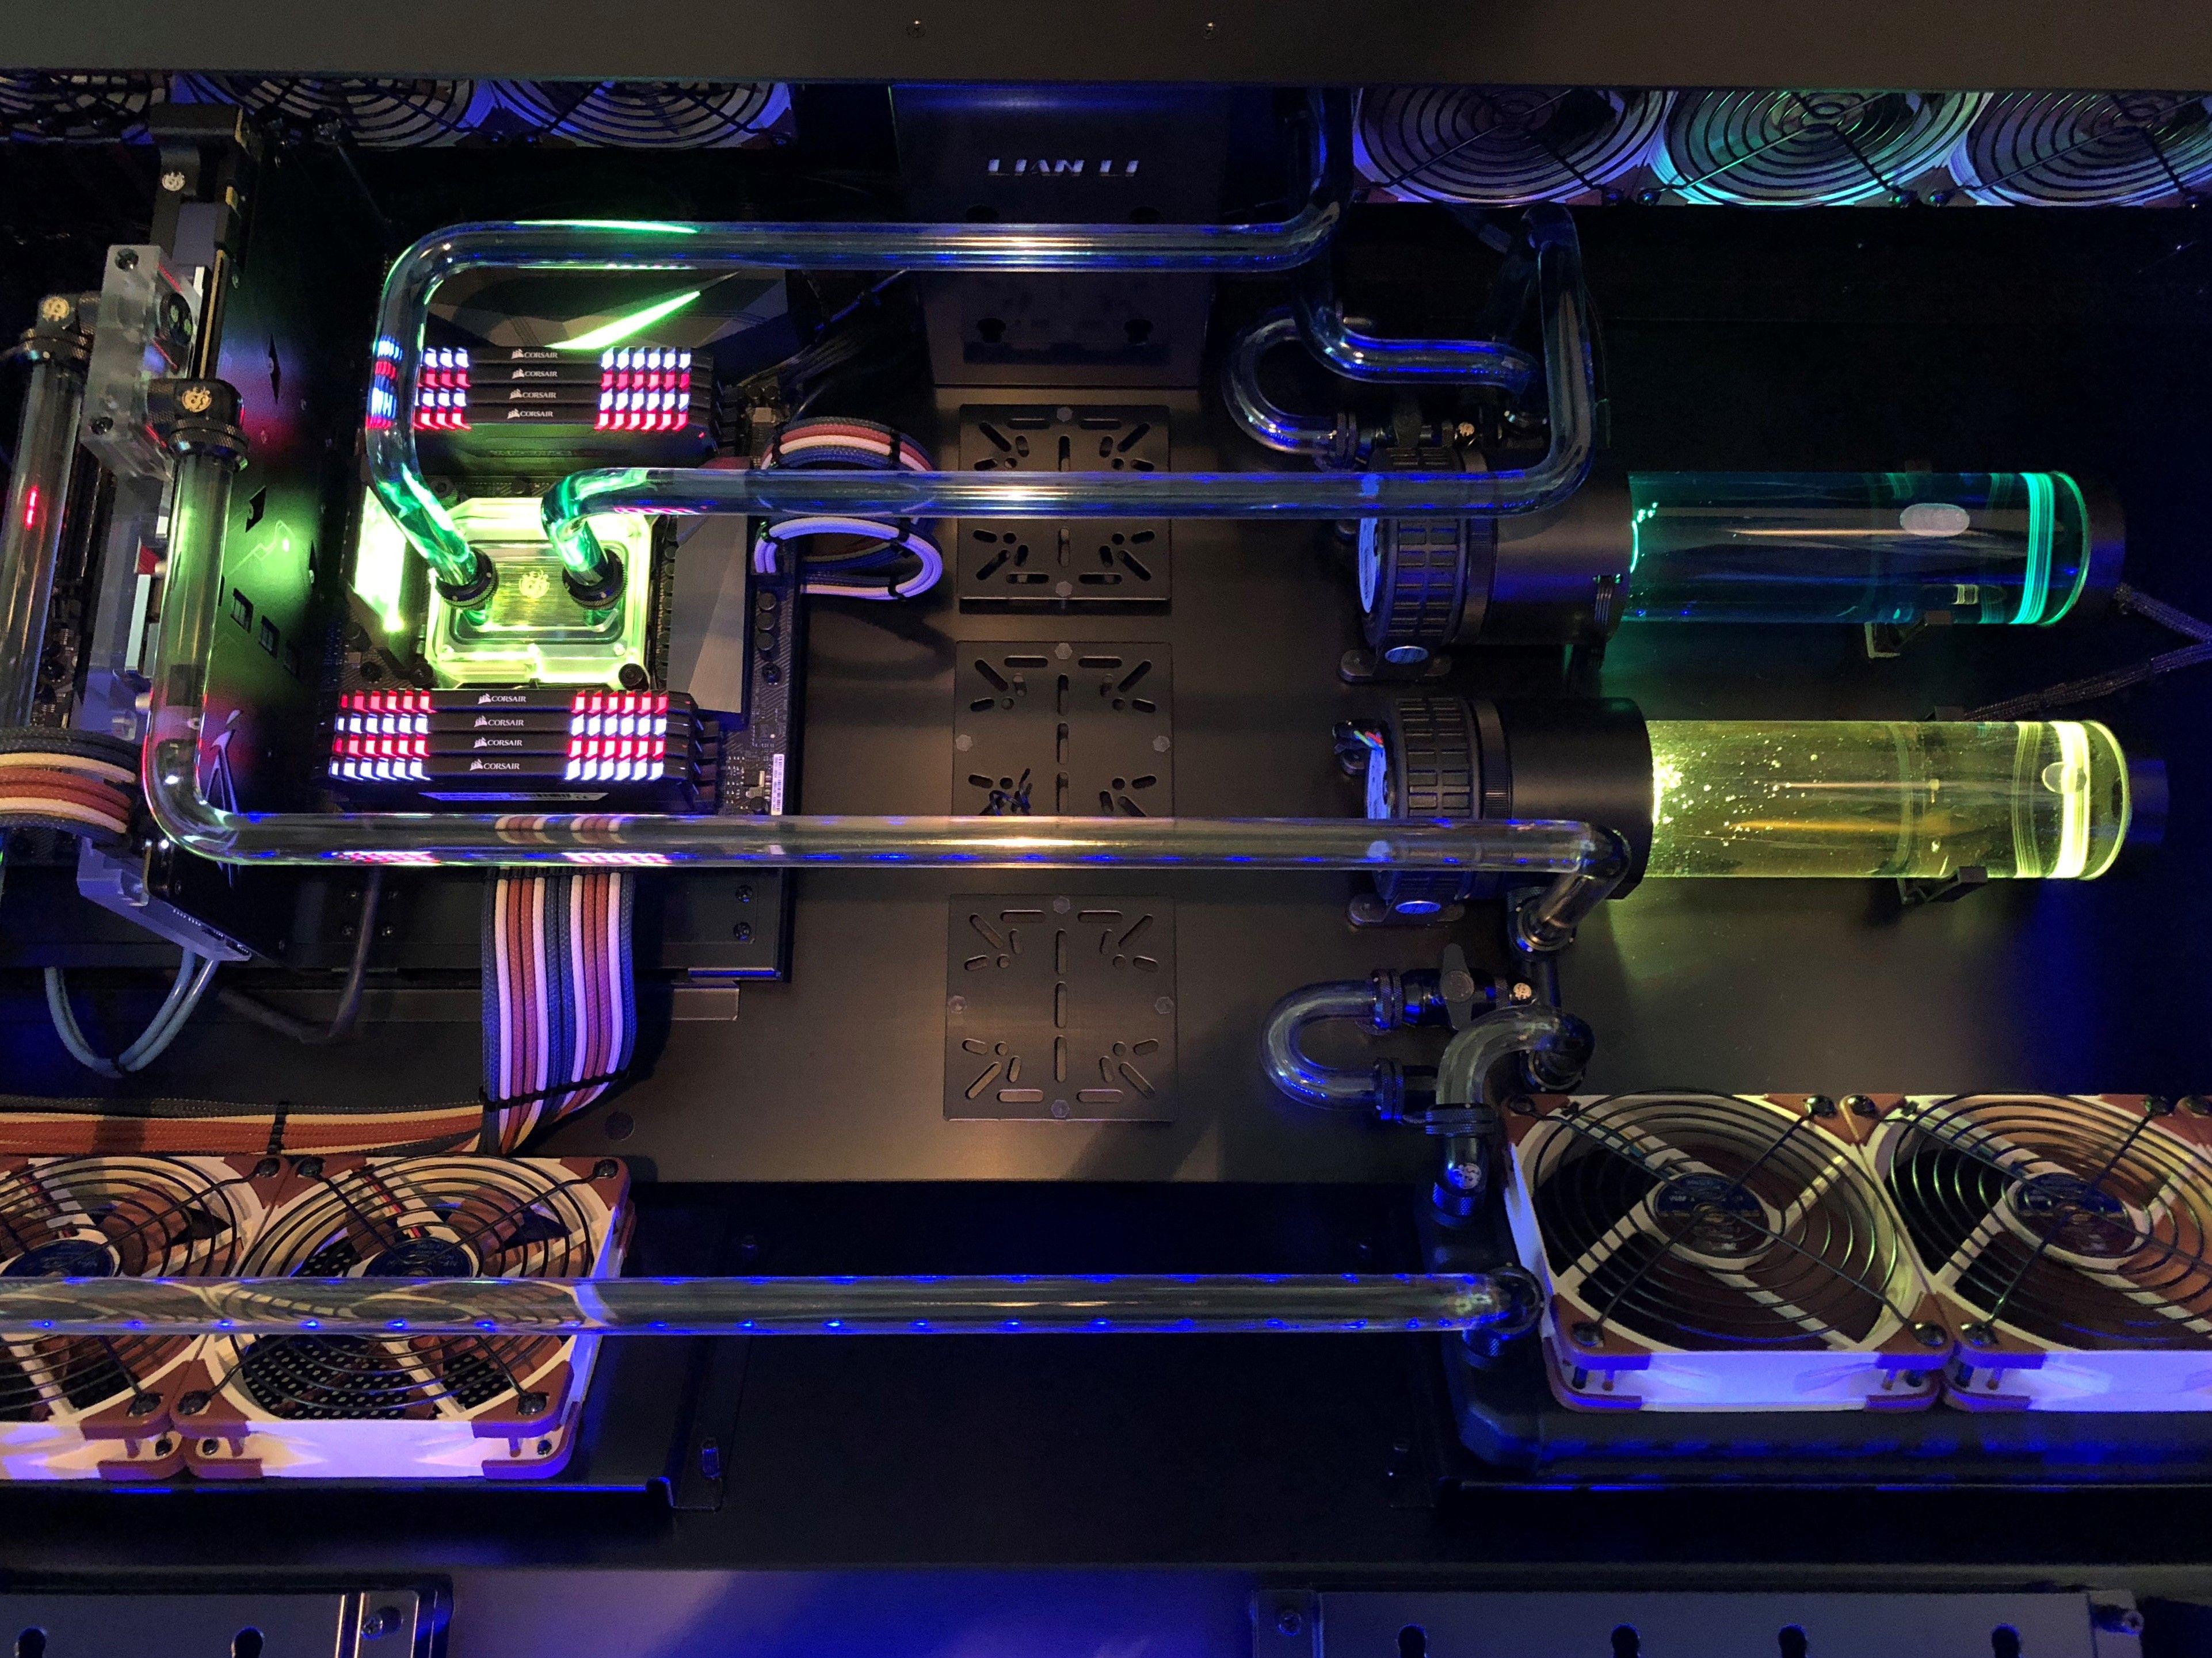 Lian Li DK-05X Desk PC - Custom dual loop